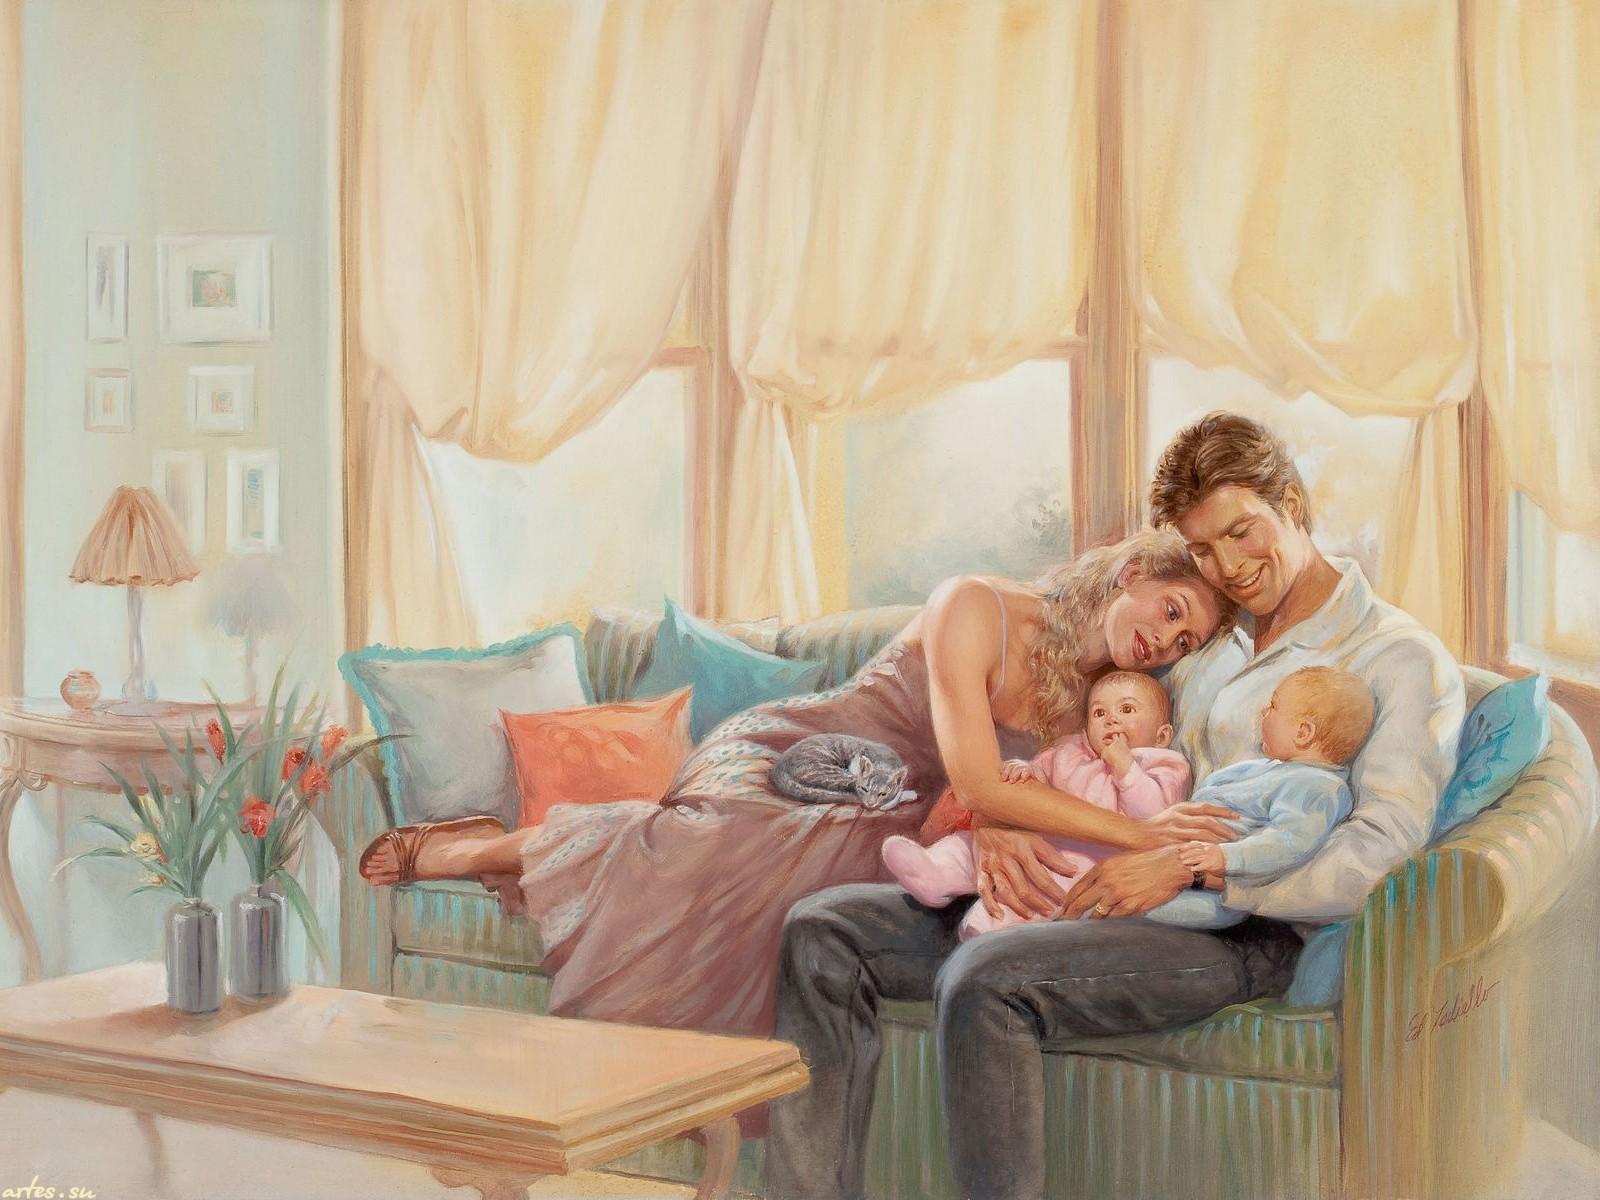 твоя семья тебя любит картинки здесь кипит